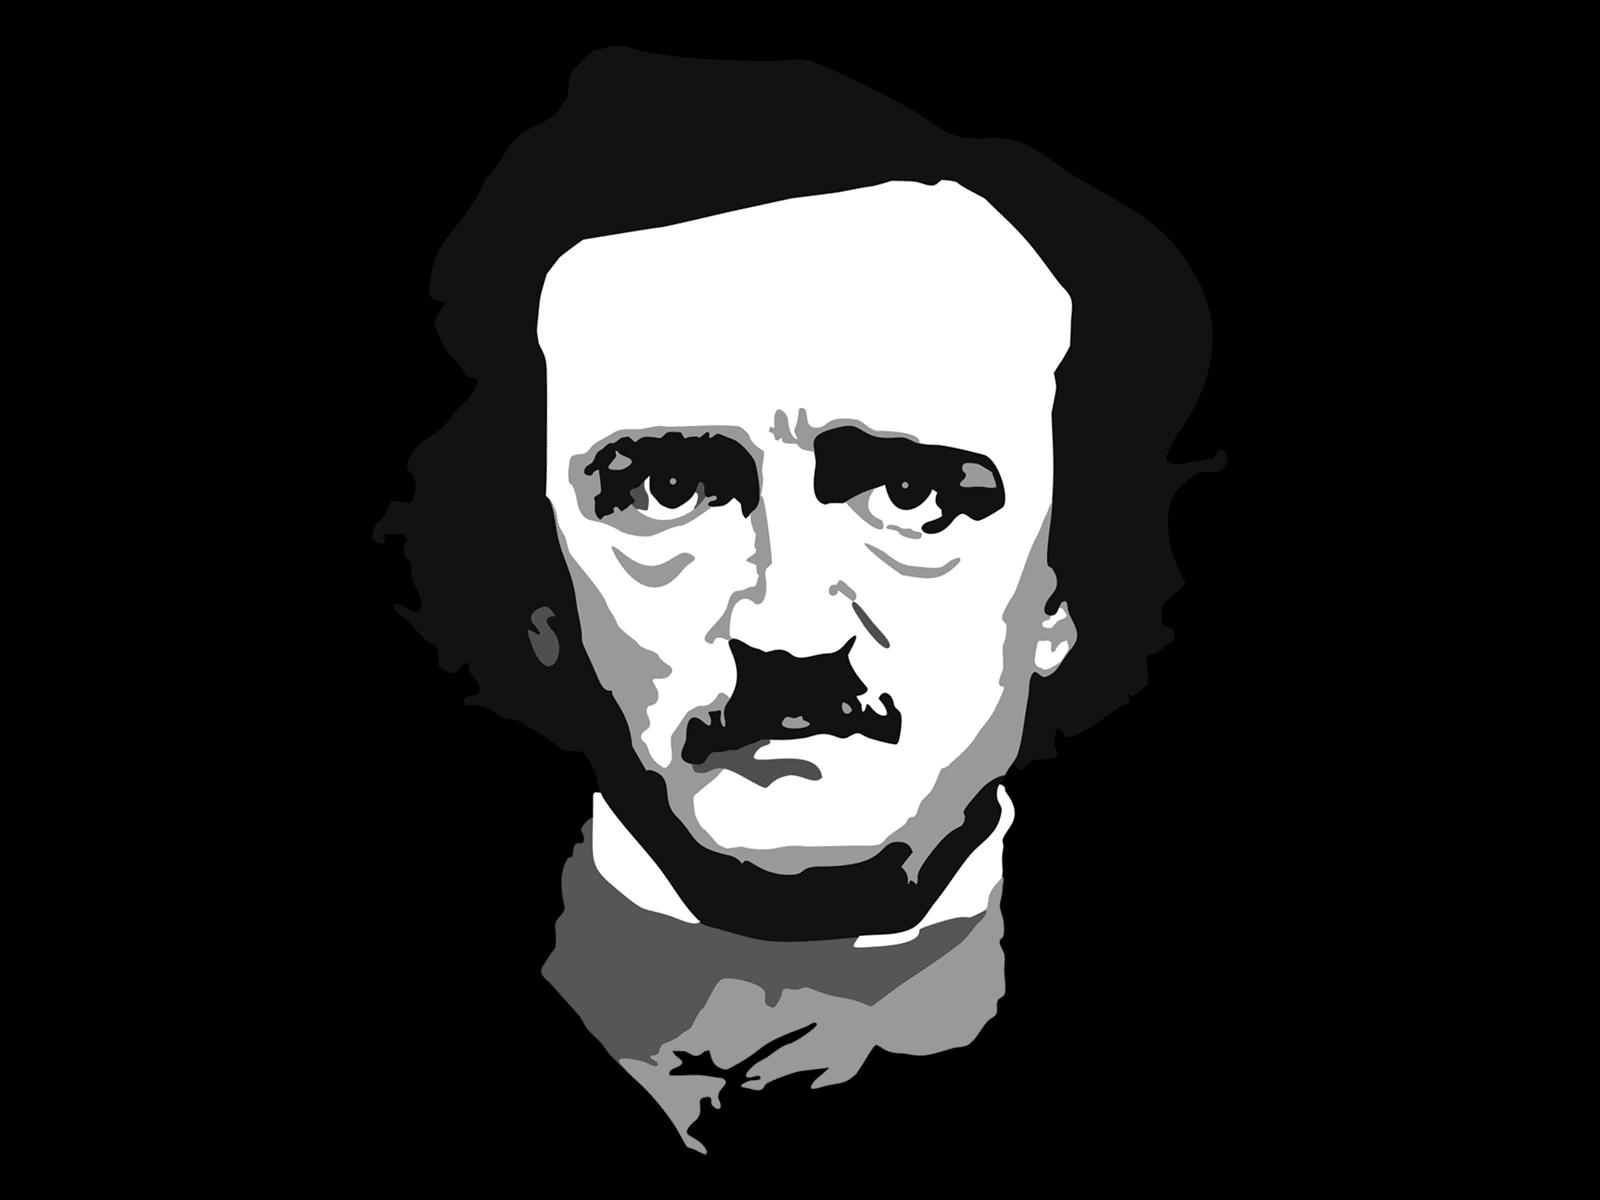 Edgar Allen Poe T Shirt Redbubble - Edgar Allen Poe – T-shirt design Edgar Allen Poe T Shirt Redbubble - Recent Work